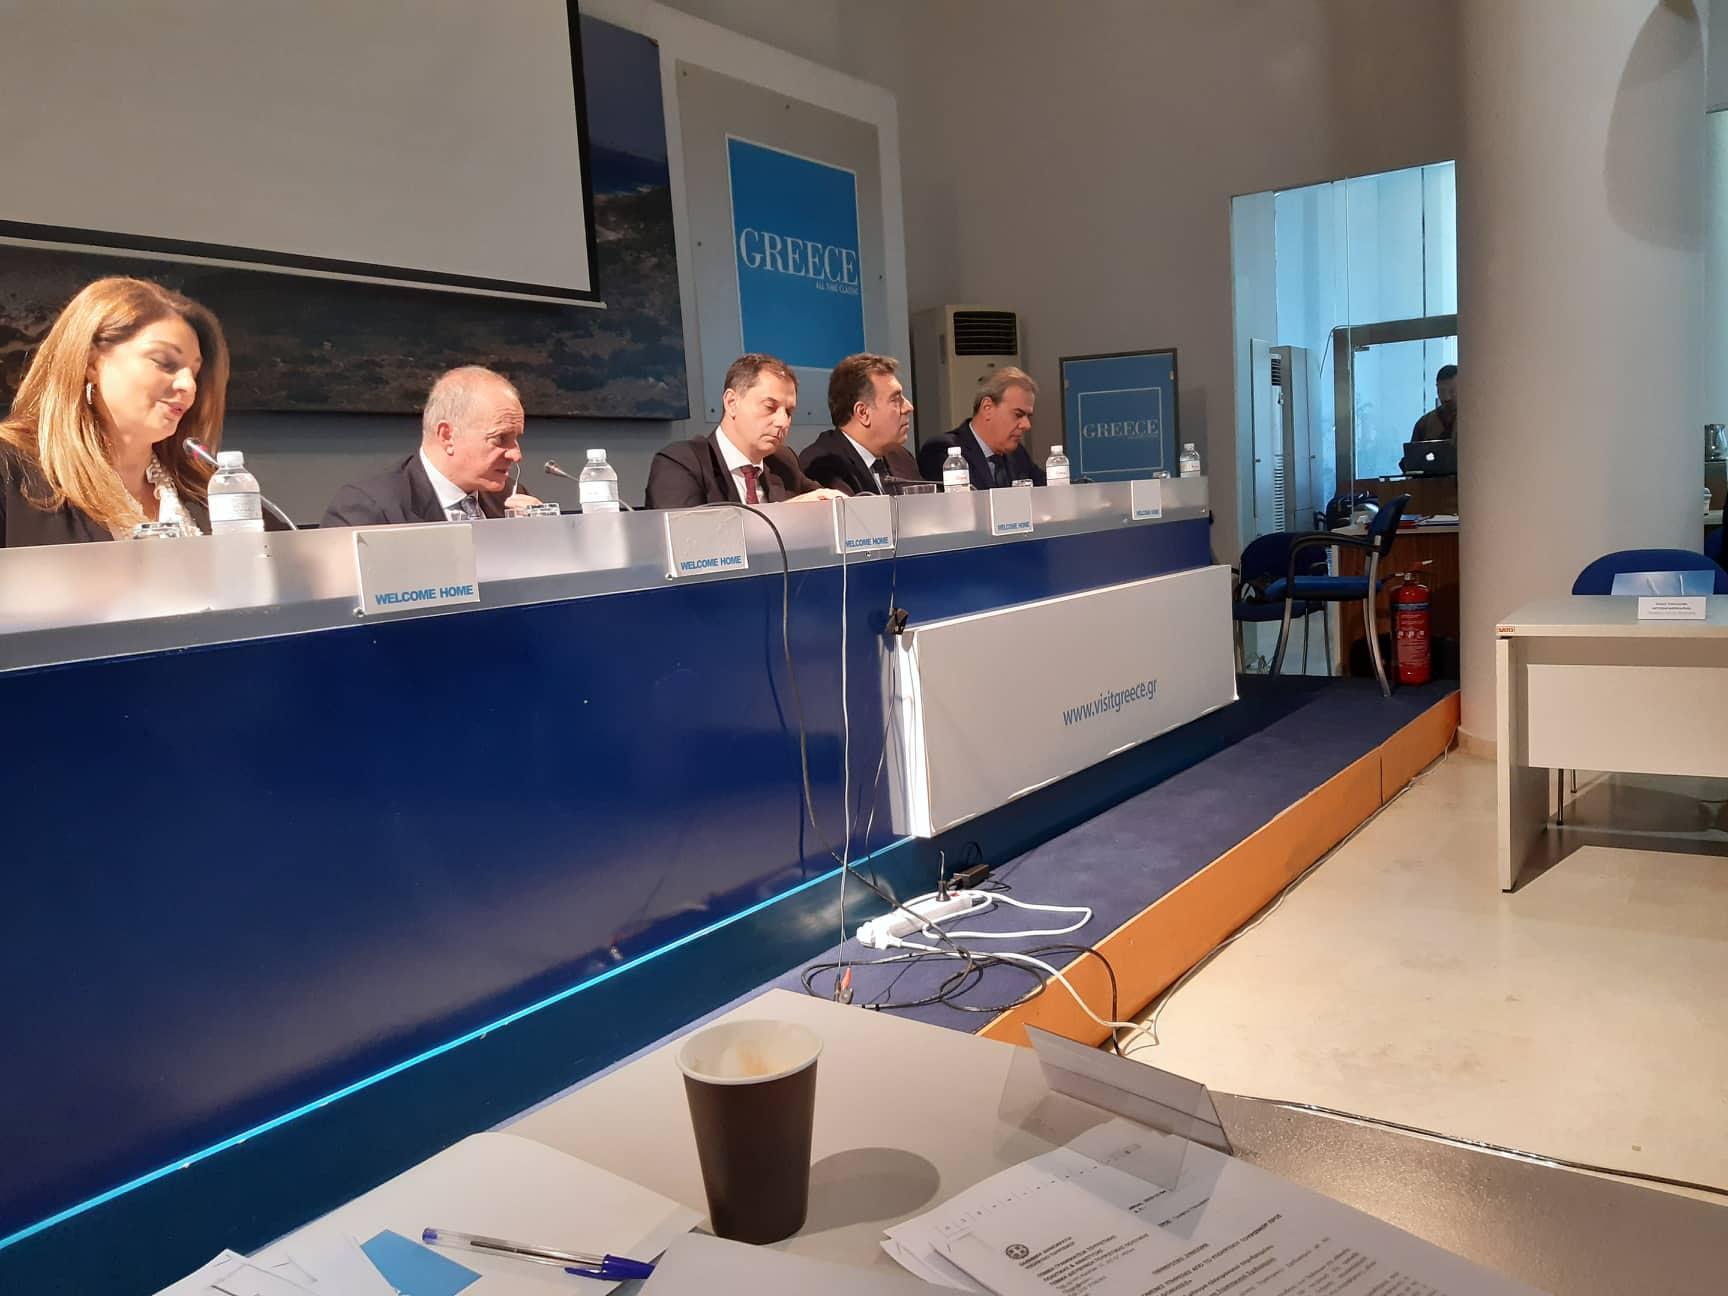 Ο Νίκος Κοροβέσης στο 1ο Συμβούλιο Τουρισμού: Έθεσε το Π.Δ. για Κυπαρισσιακό, την ανάδειξη της Ολυμπίας  και συμμετοχή στο πρόγραμμα συνεργασίας με Κίνα (photos)